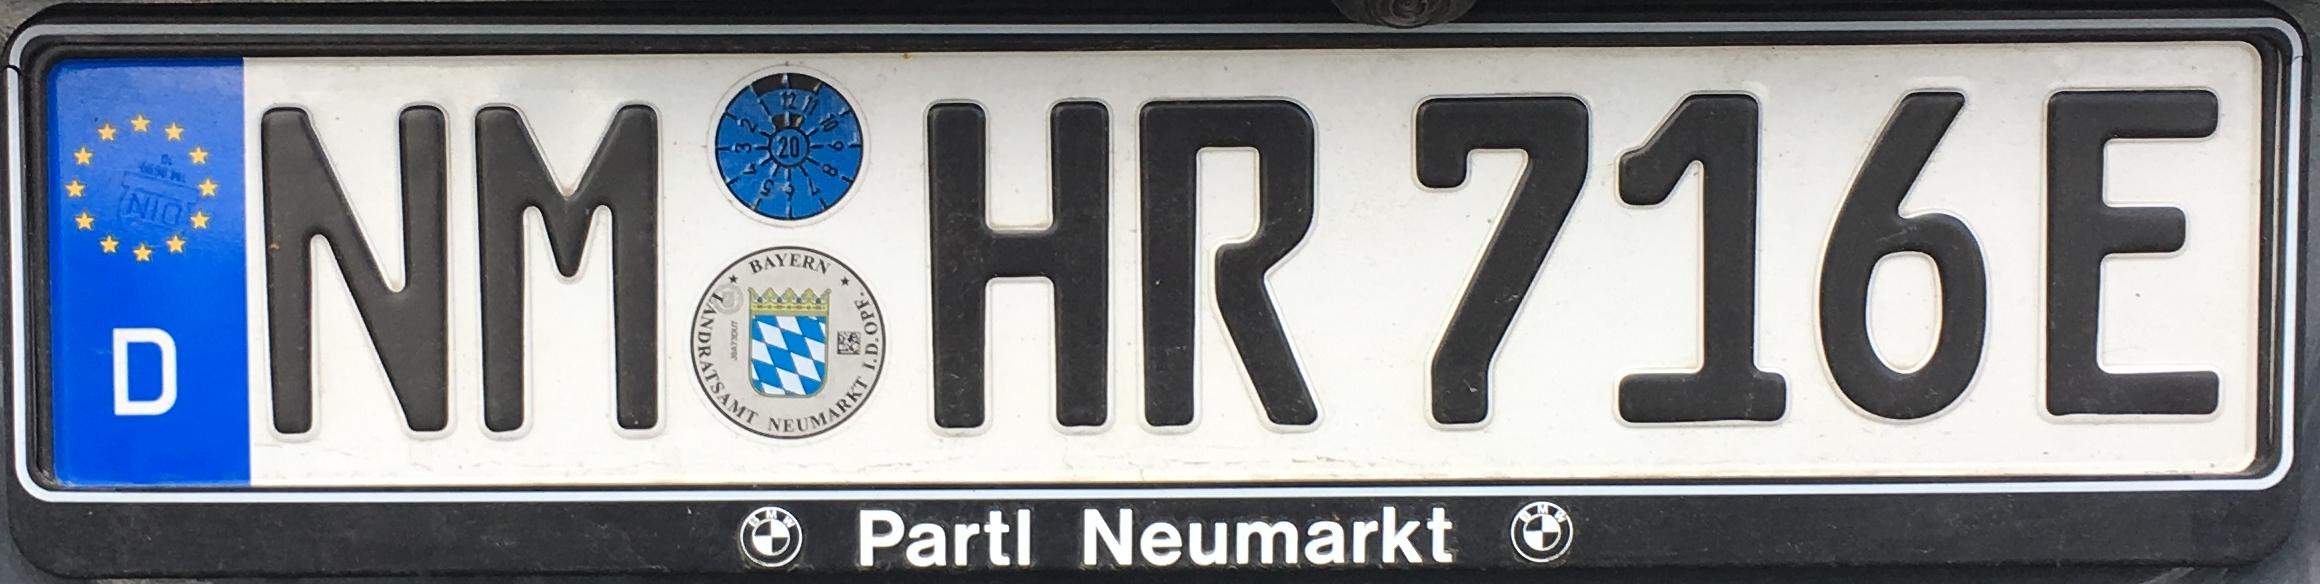 Registrační značky Německo - NM - Neumarkt in der Oberpfalz, elektrické vozidlo, foto: www.podalnici.cz